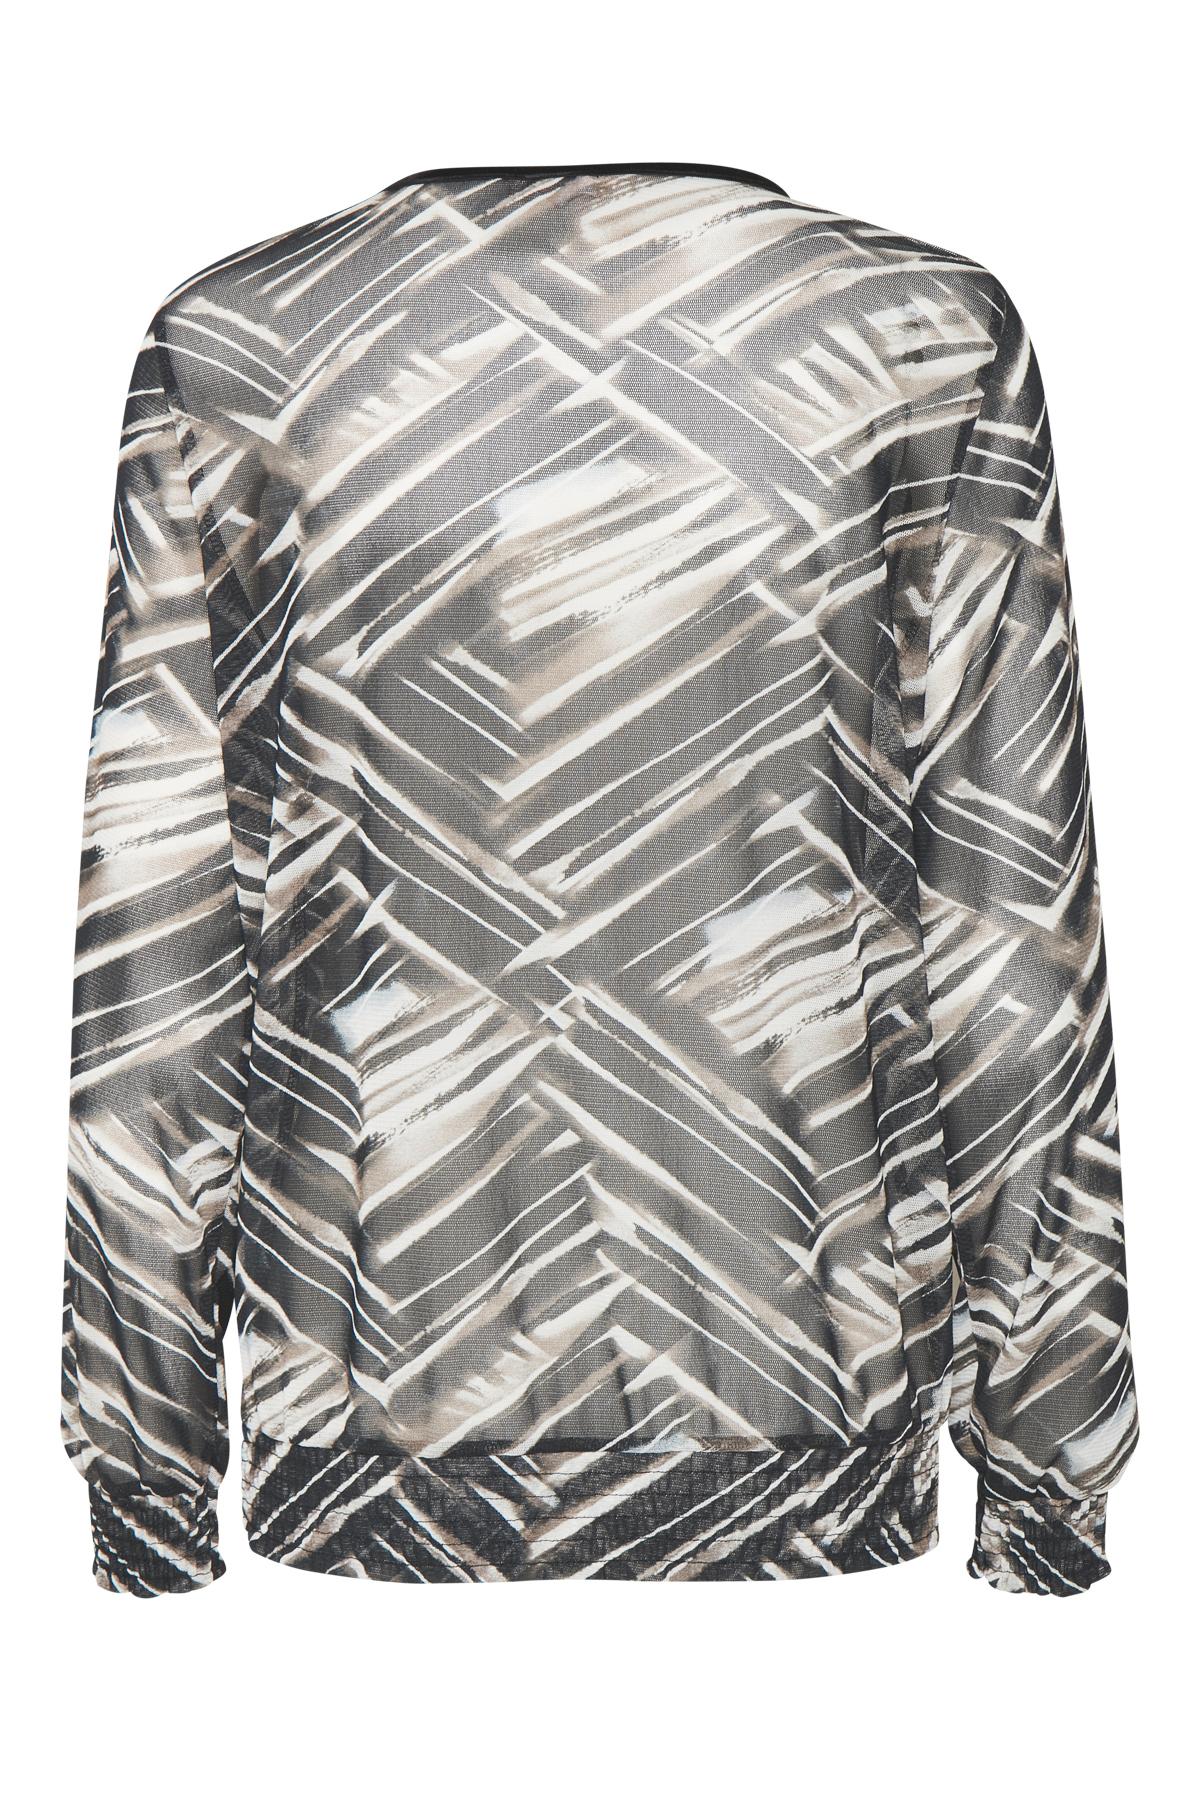 Schwarz/sand Langarm-Bluse von Bon'A Parte – Shoppen Sie Schwarz/sand Langarm-Bluse ab Gr. S-2XL hier